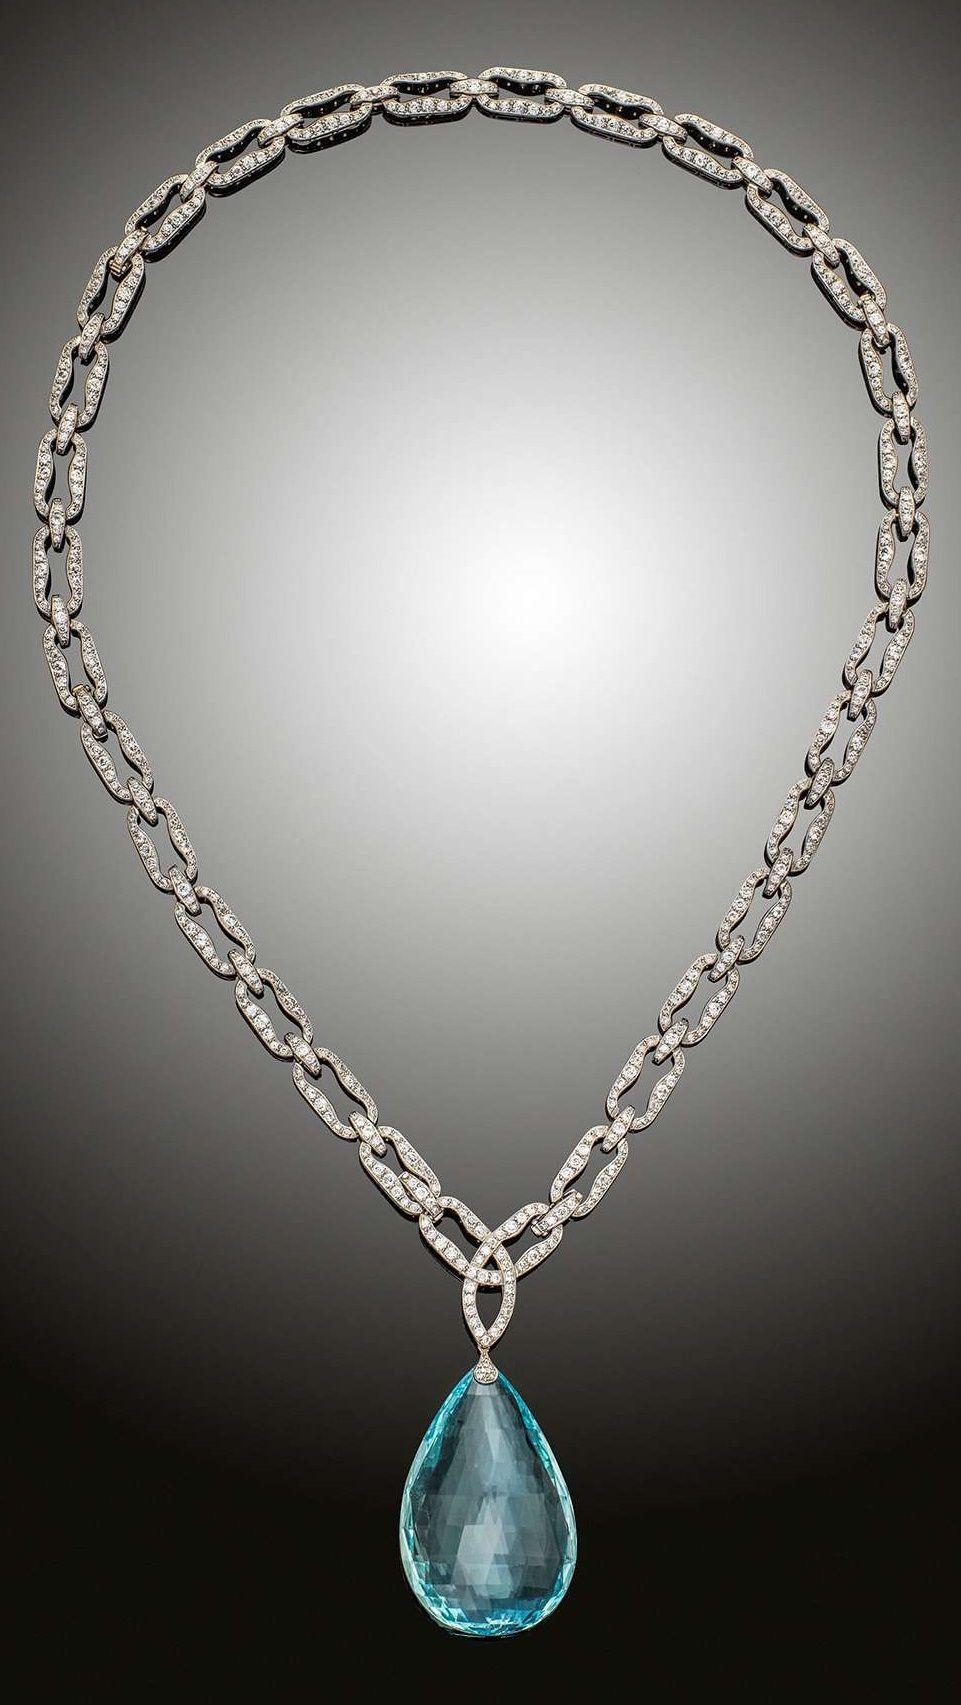 An edwardian aquamarine and diamond pendant necklace english circa an edwardian aquamarine and diamond pendant necklace english circa 1910 a large aquamarine aloadofball Images